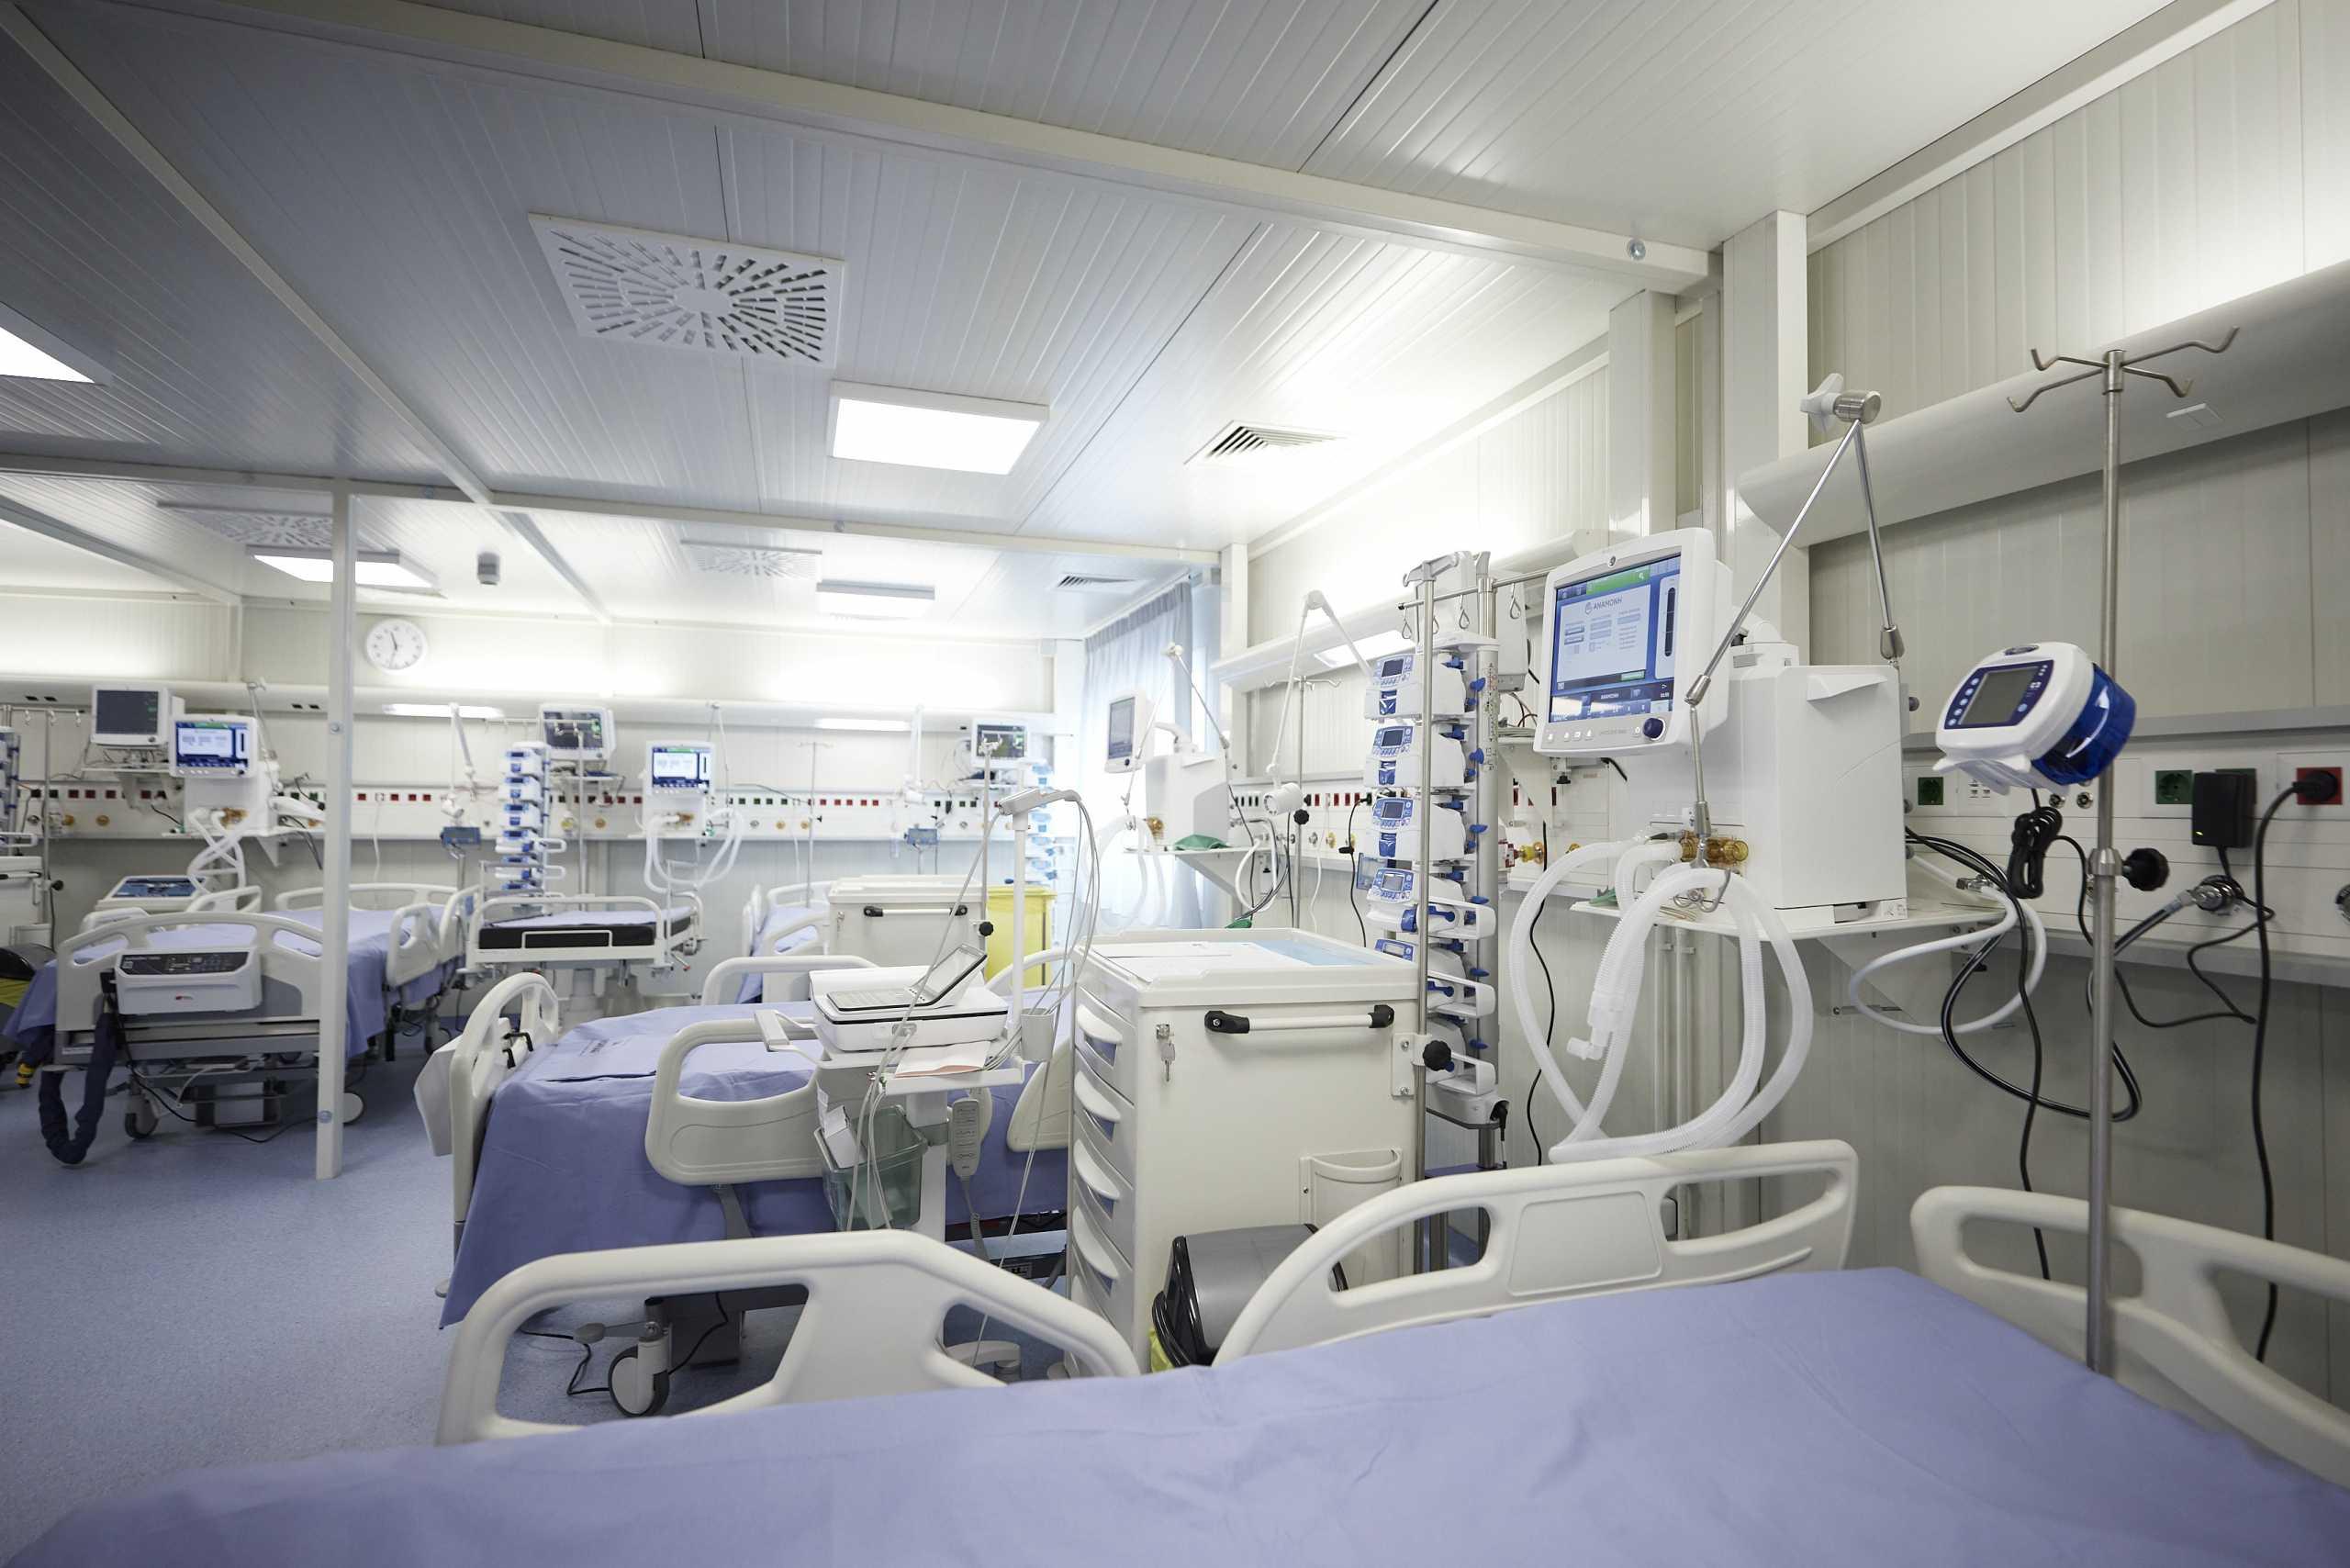 Κορονοϊός: Το 80% των ασθενών ανακτούν γεύση και όσφρηση μετά από έξι μήνες